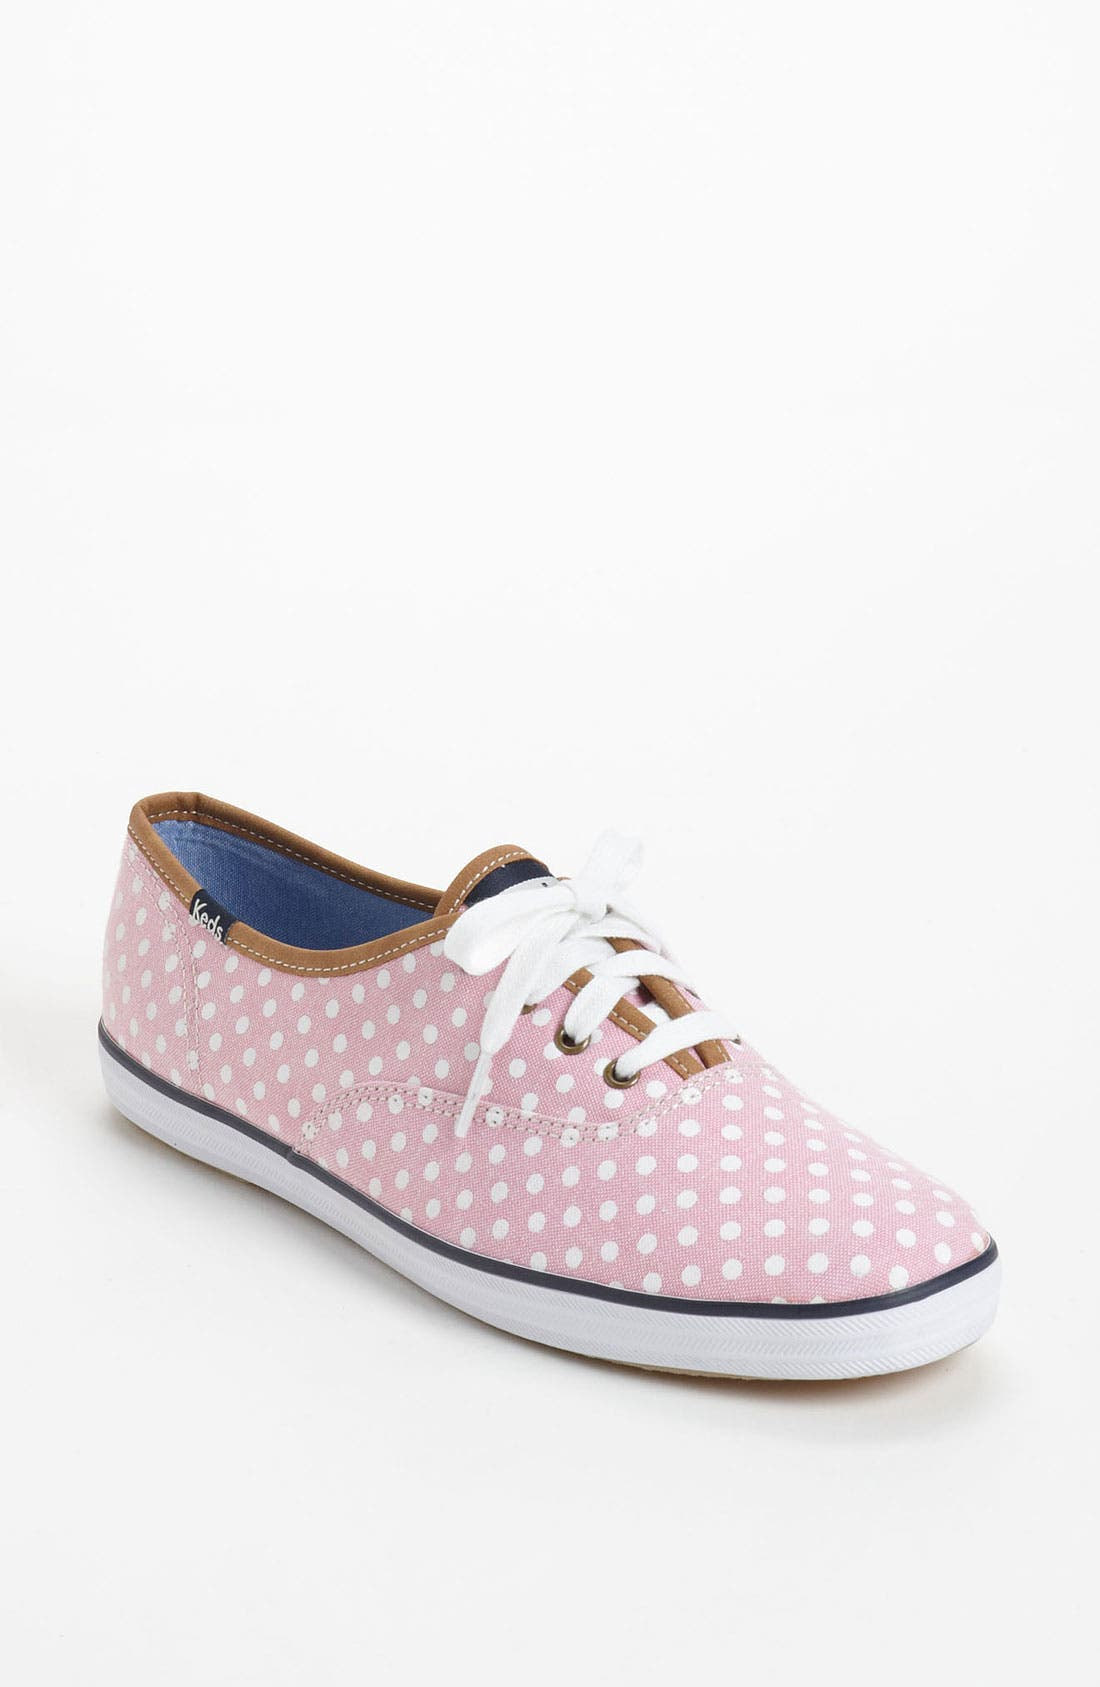 Alternate Image 1 Selected - Keds® 'Champion - Dot' Sneaker (Women)